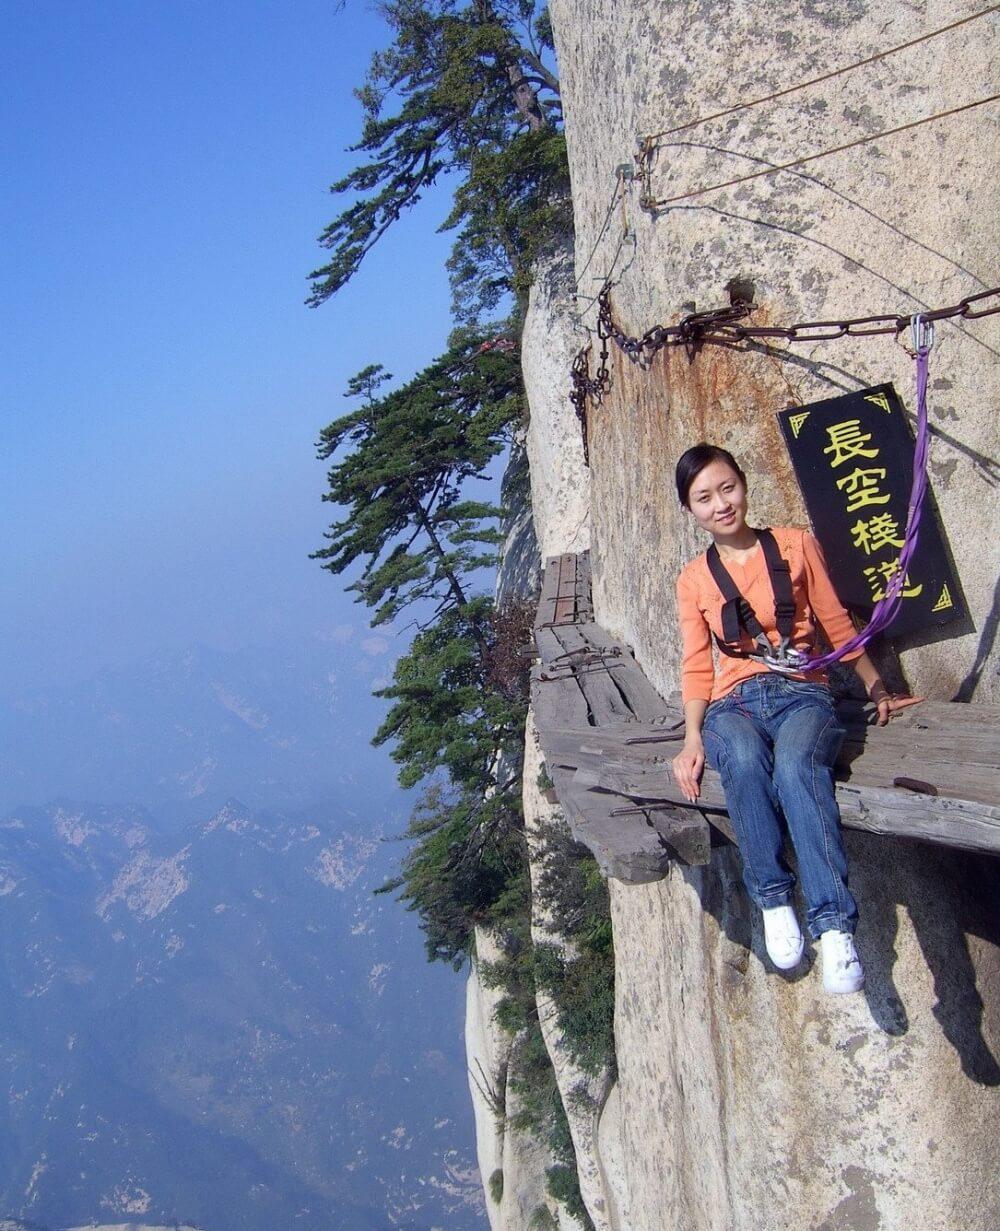 مسار الموت (الطول: 2،130 متر)، الصين